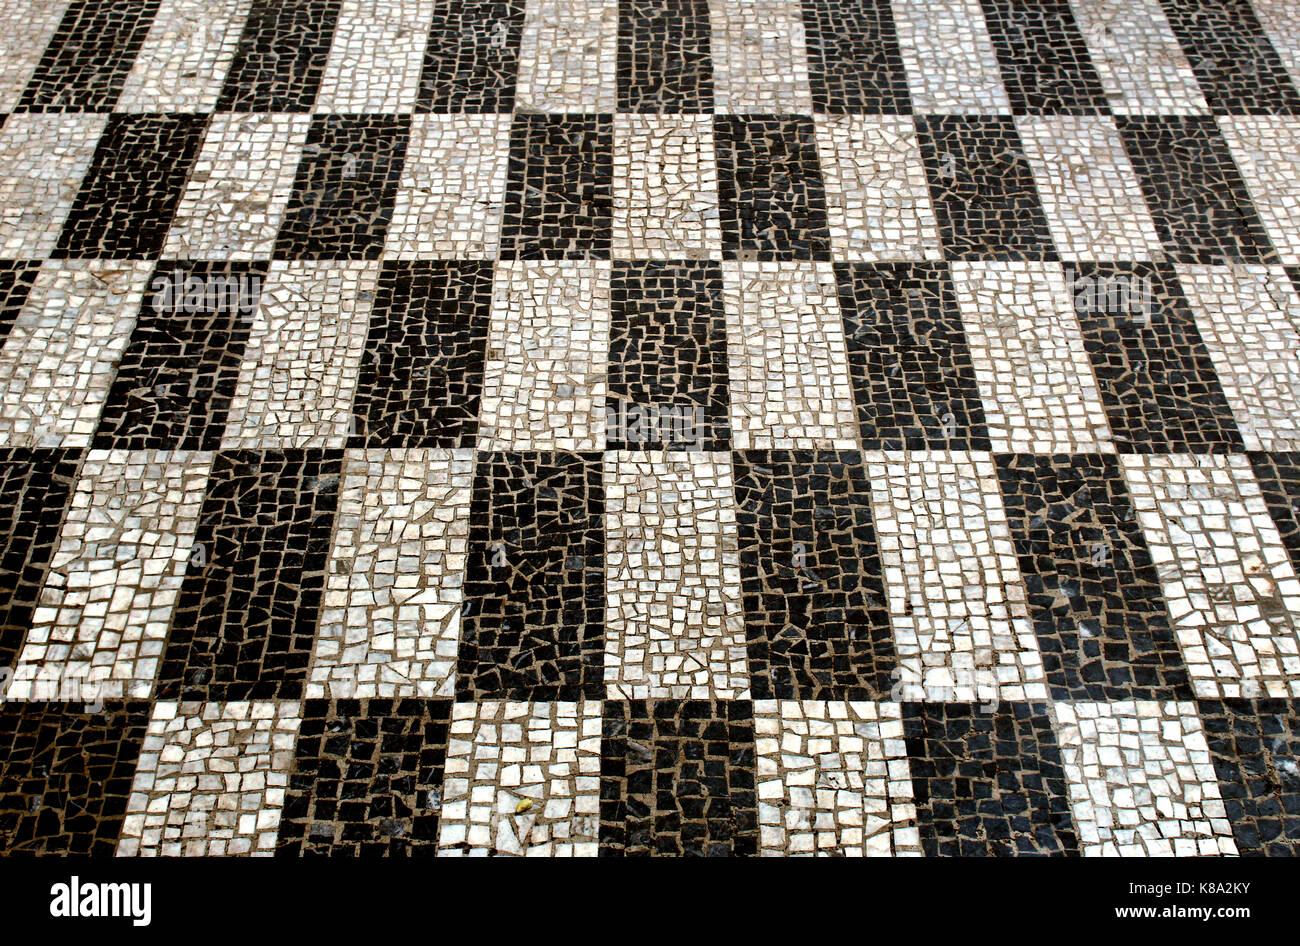 Mosaico in bianco e nero di piastrelle rettangolari visto in